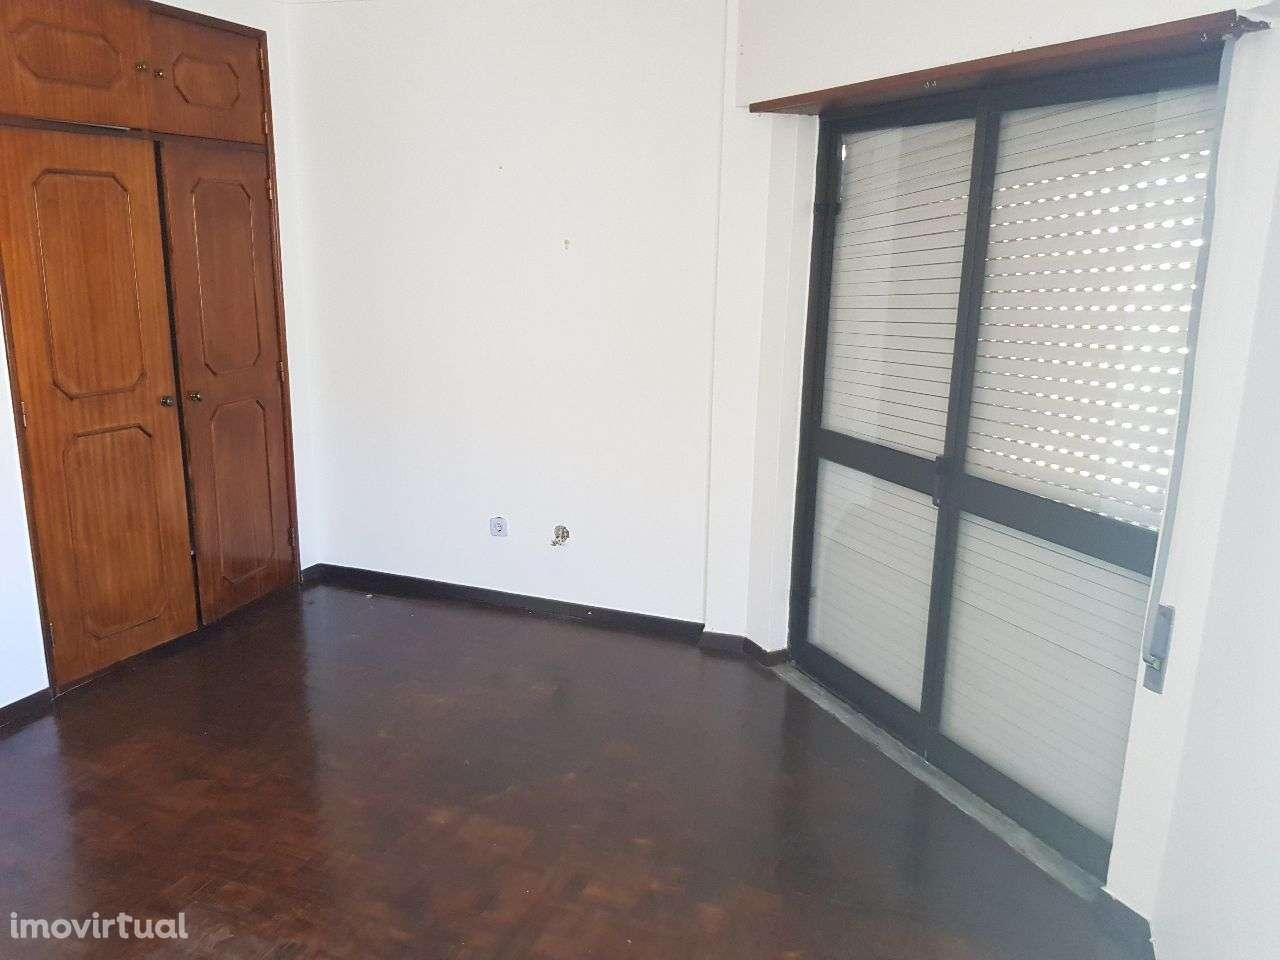 Apartamento para arrendar, Santarém (Marvila), Santa Iria da Ribeira de Santarém, Santarém (São Salvador) e Santarém (São Nicolau), Santarém - Foto 8